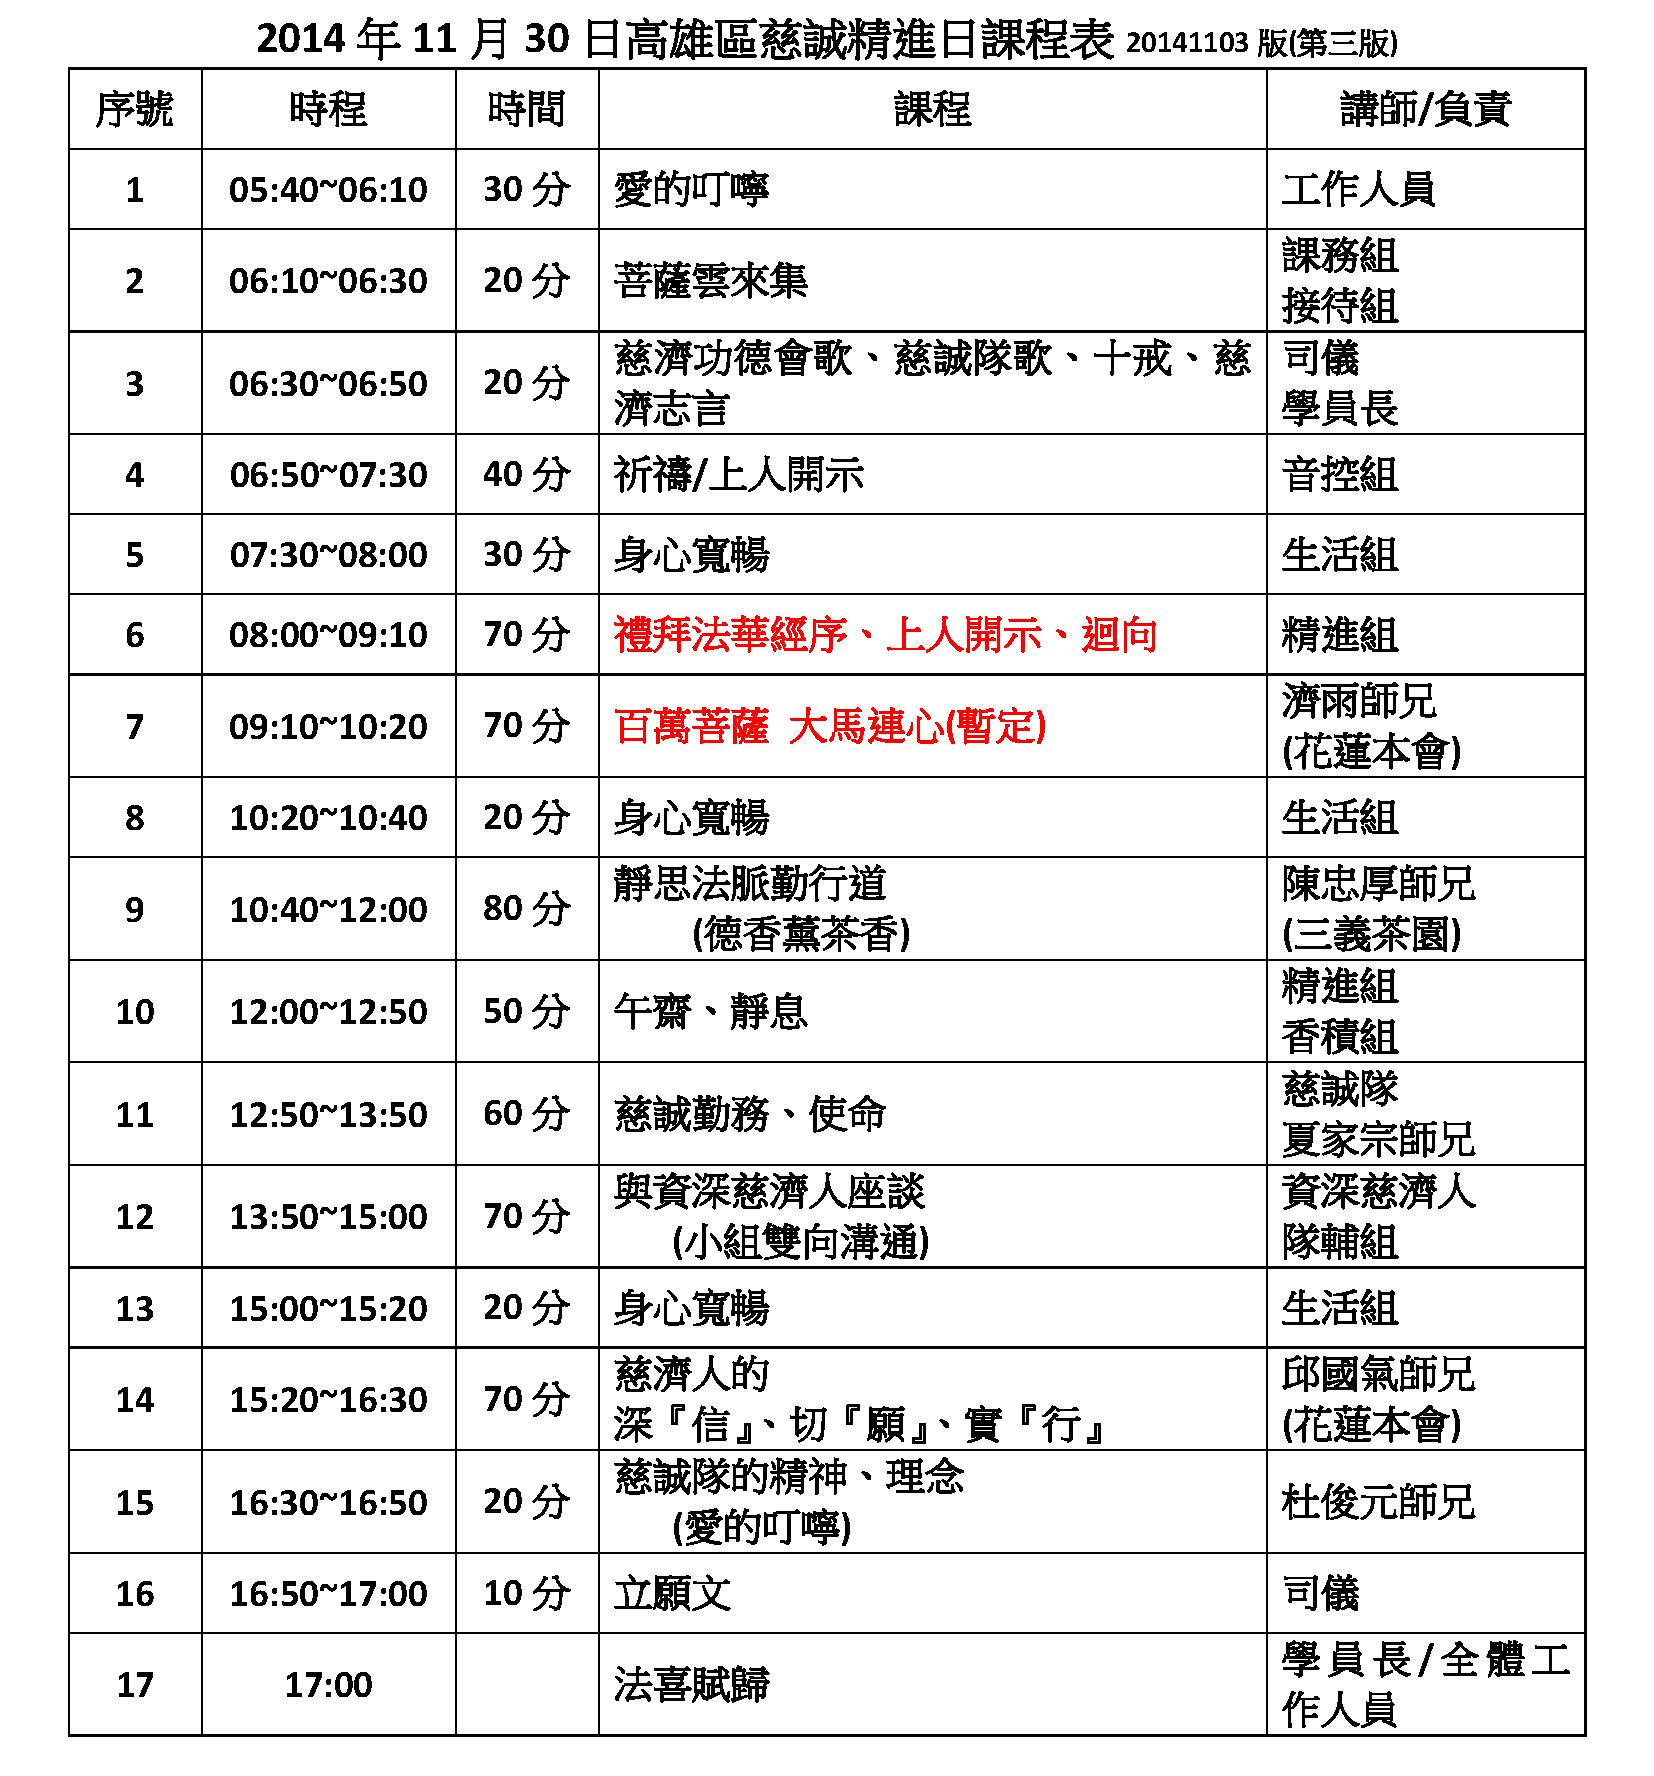 2014年11月30日高雄區慈誠幹部精進日課程表1103(第三版).png